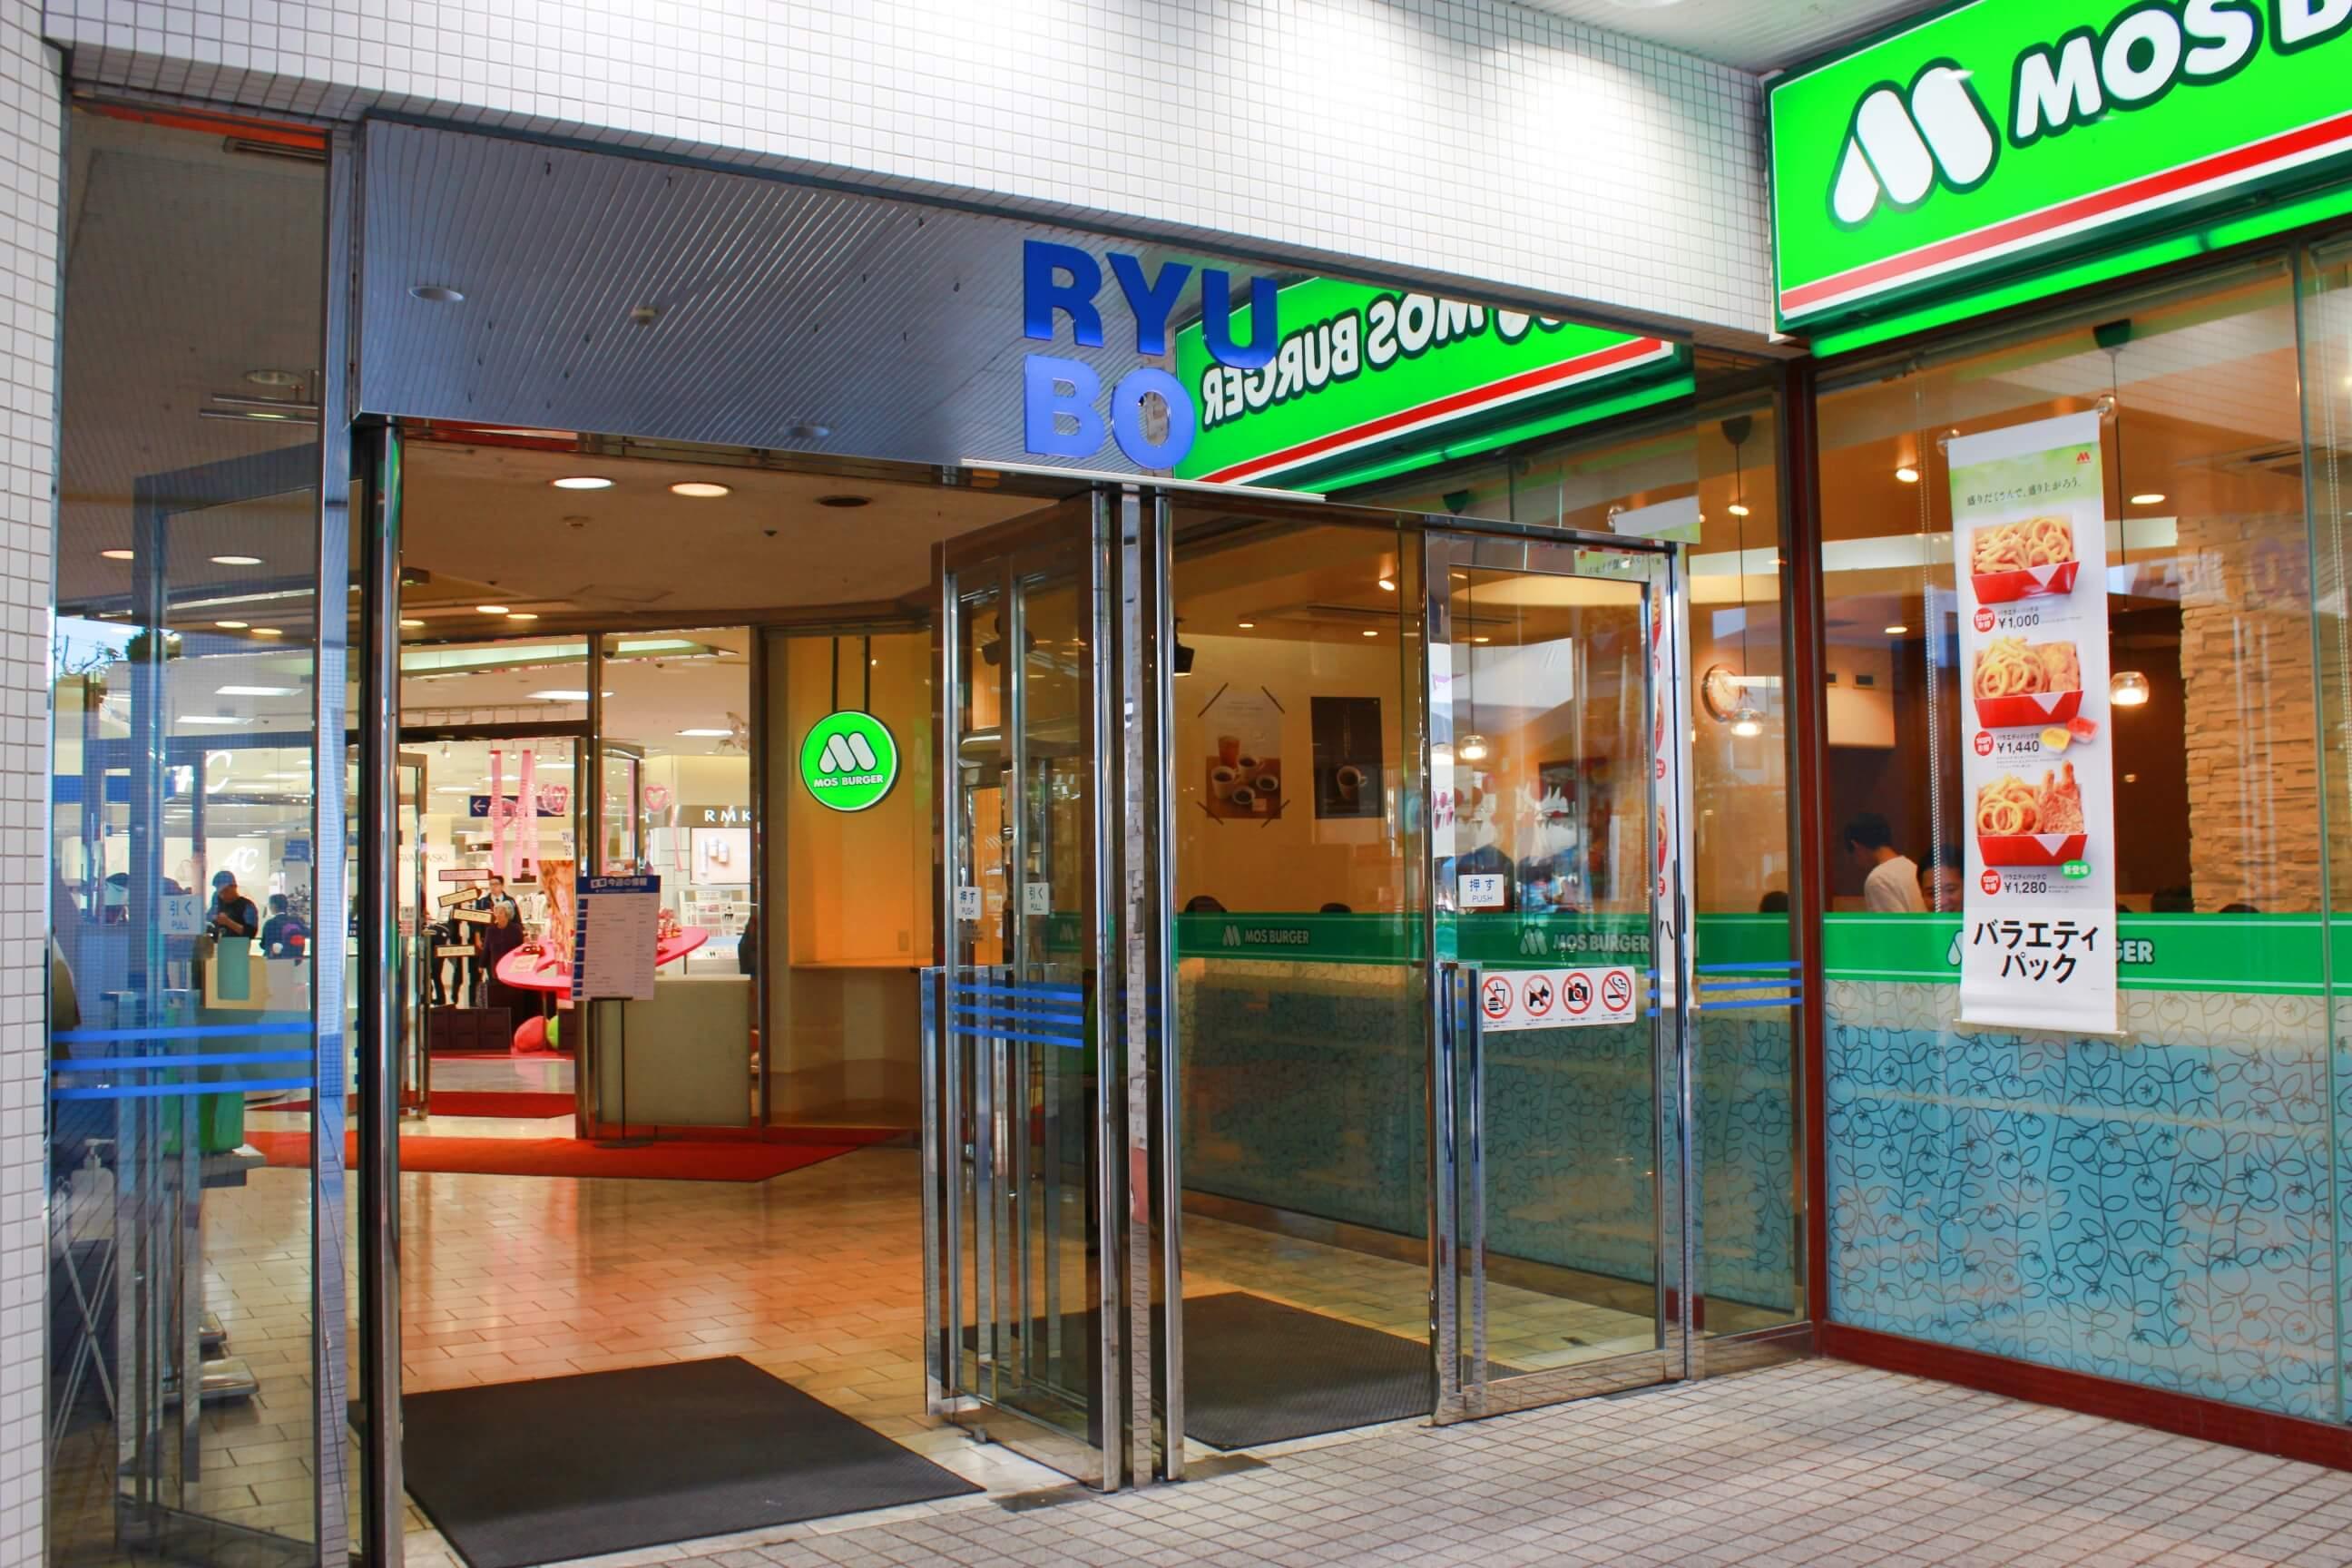 Ryubo Department Store